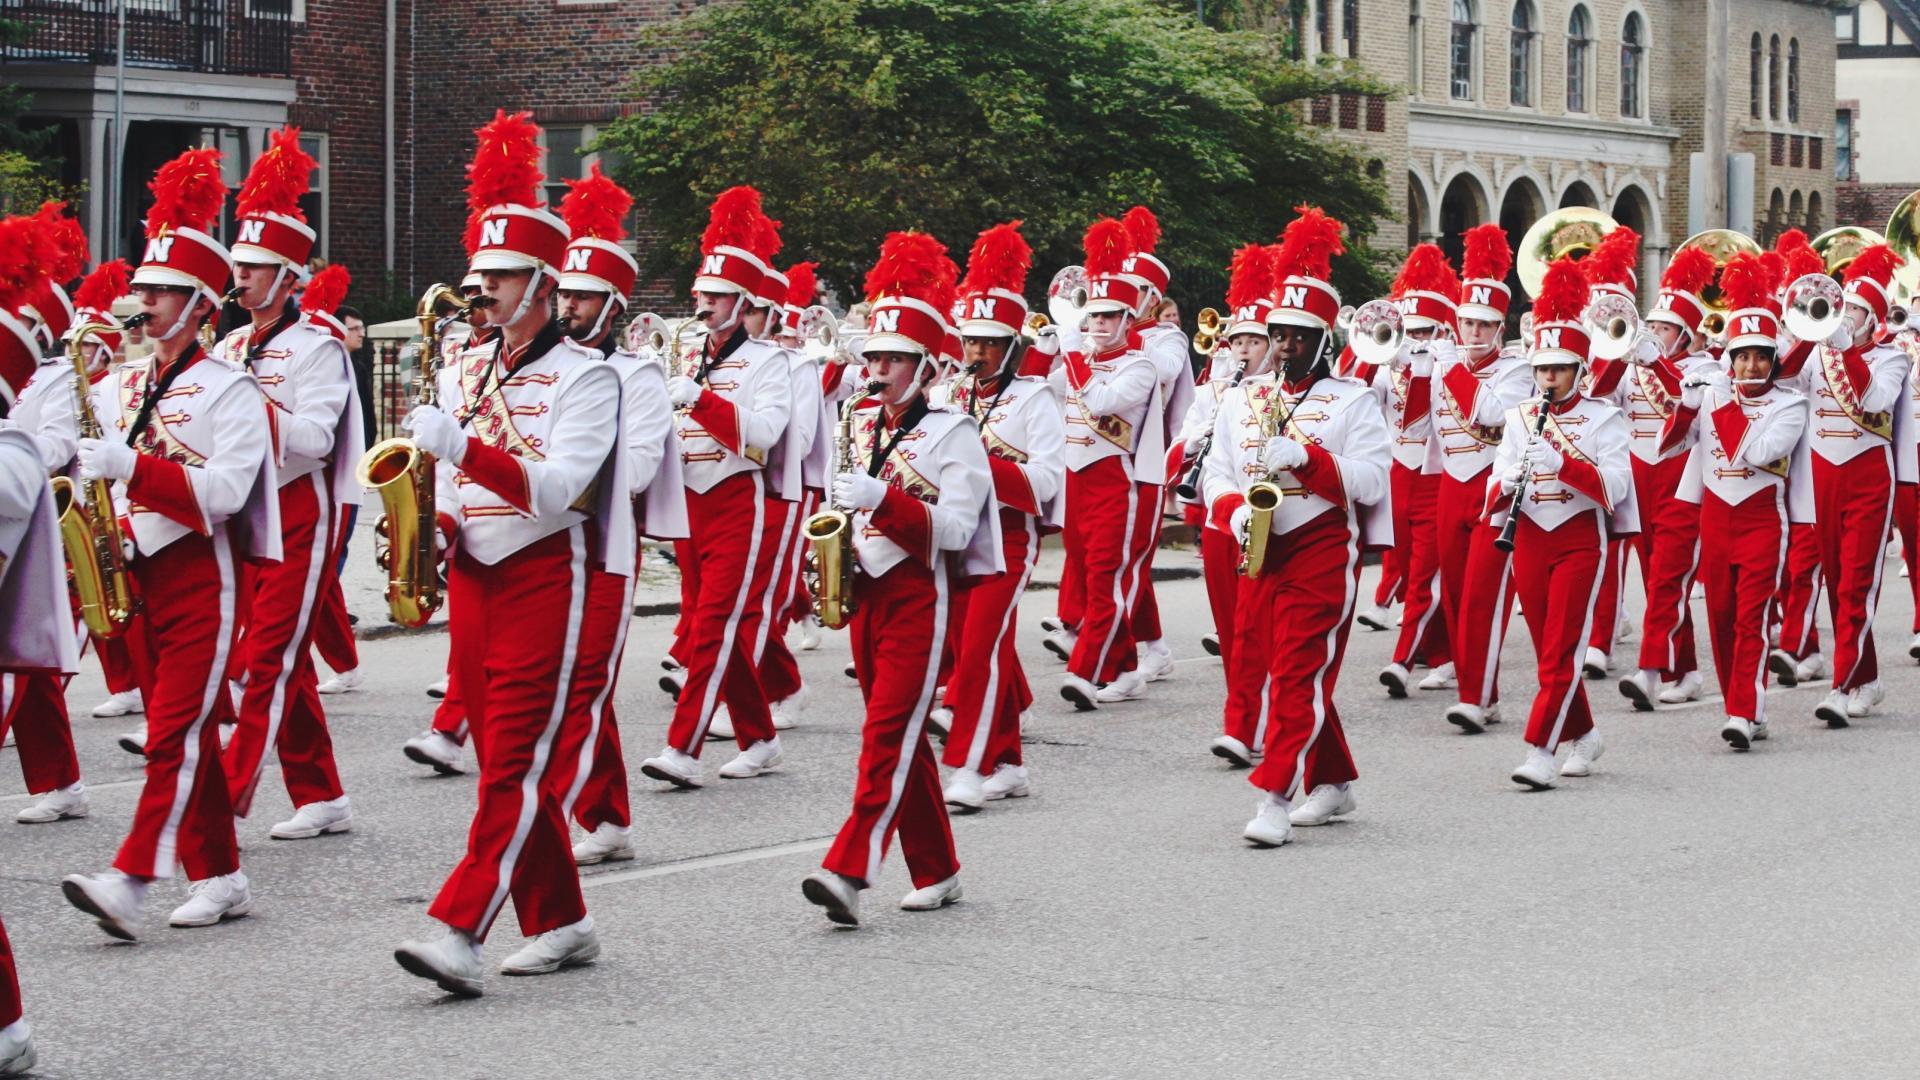 Marching band in Nebraska Homecoming parade